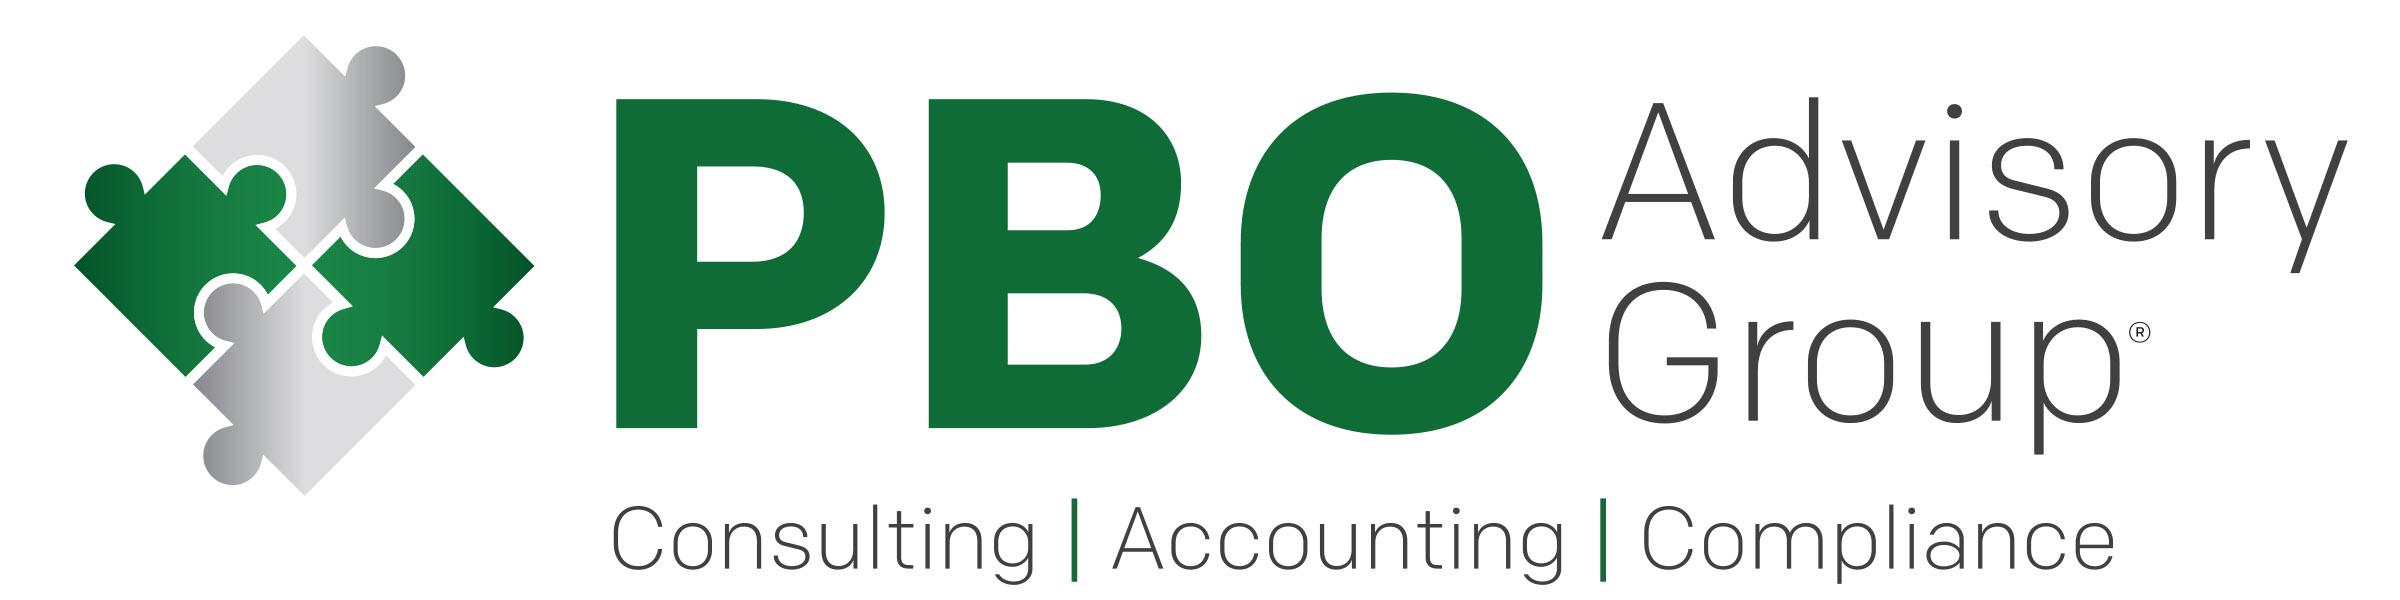 PBO Advisory Group logo